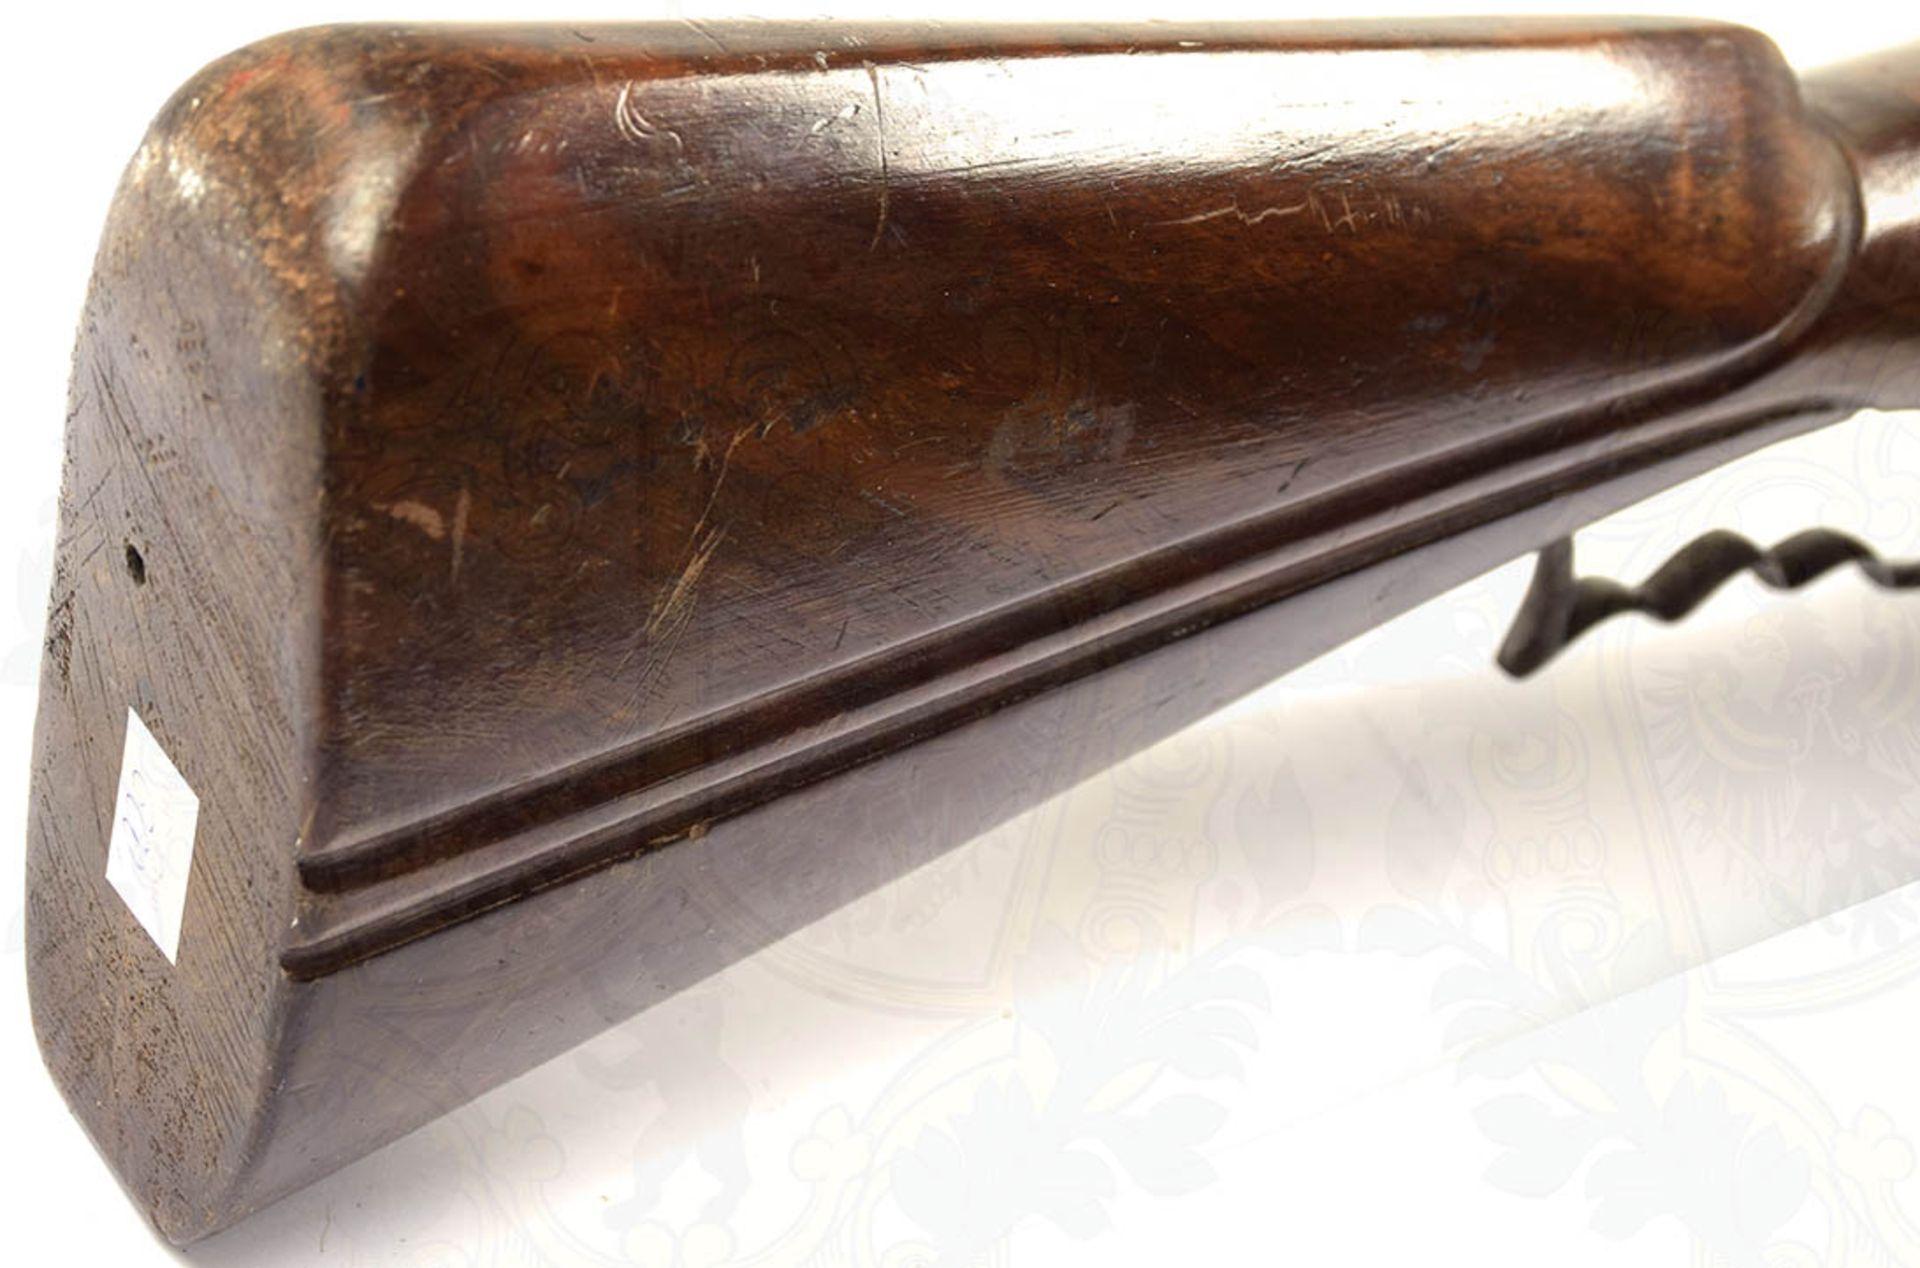 RADSCHLOß-WALLBÜCHSE, schöne, detailgetreue Nachfertigung eines Modells um 1700, eiserner, etwa - Bild 9 aus 9